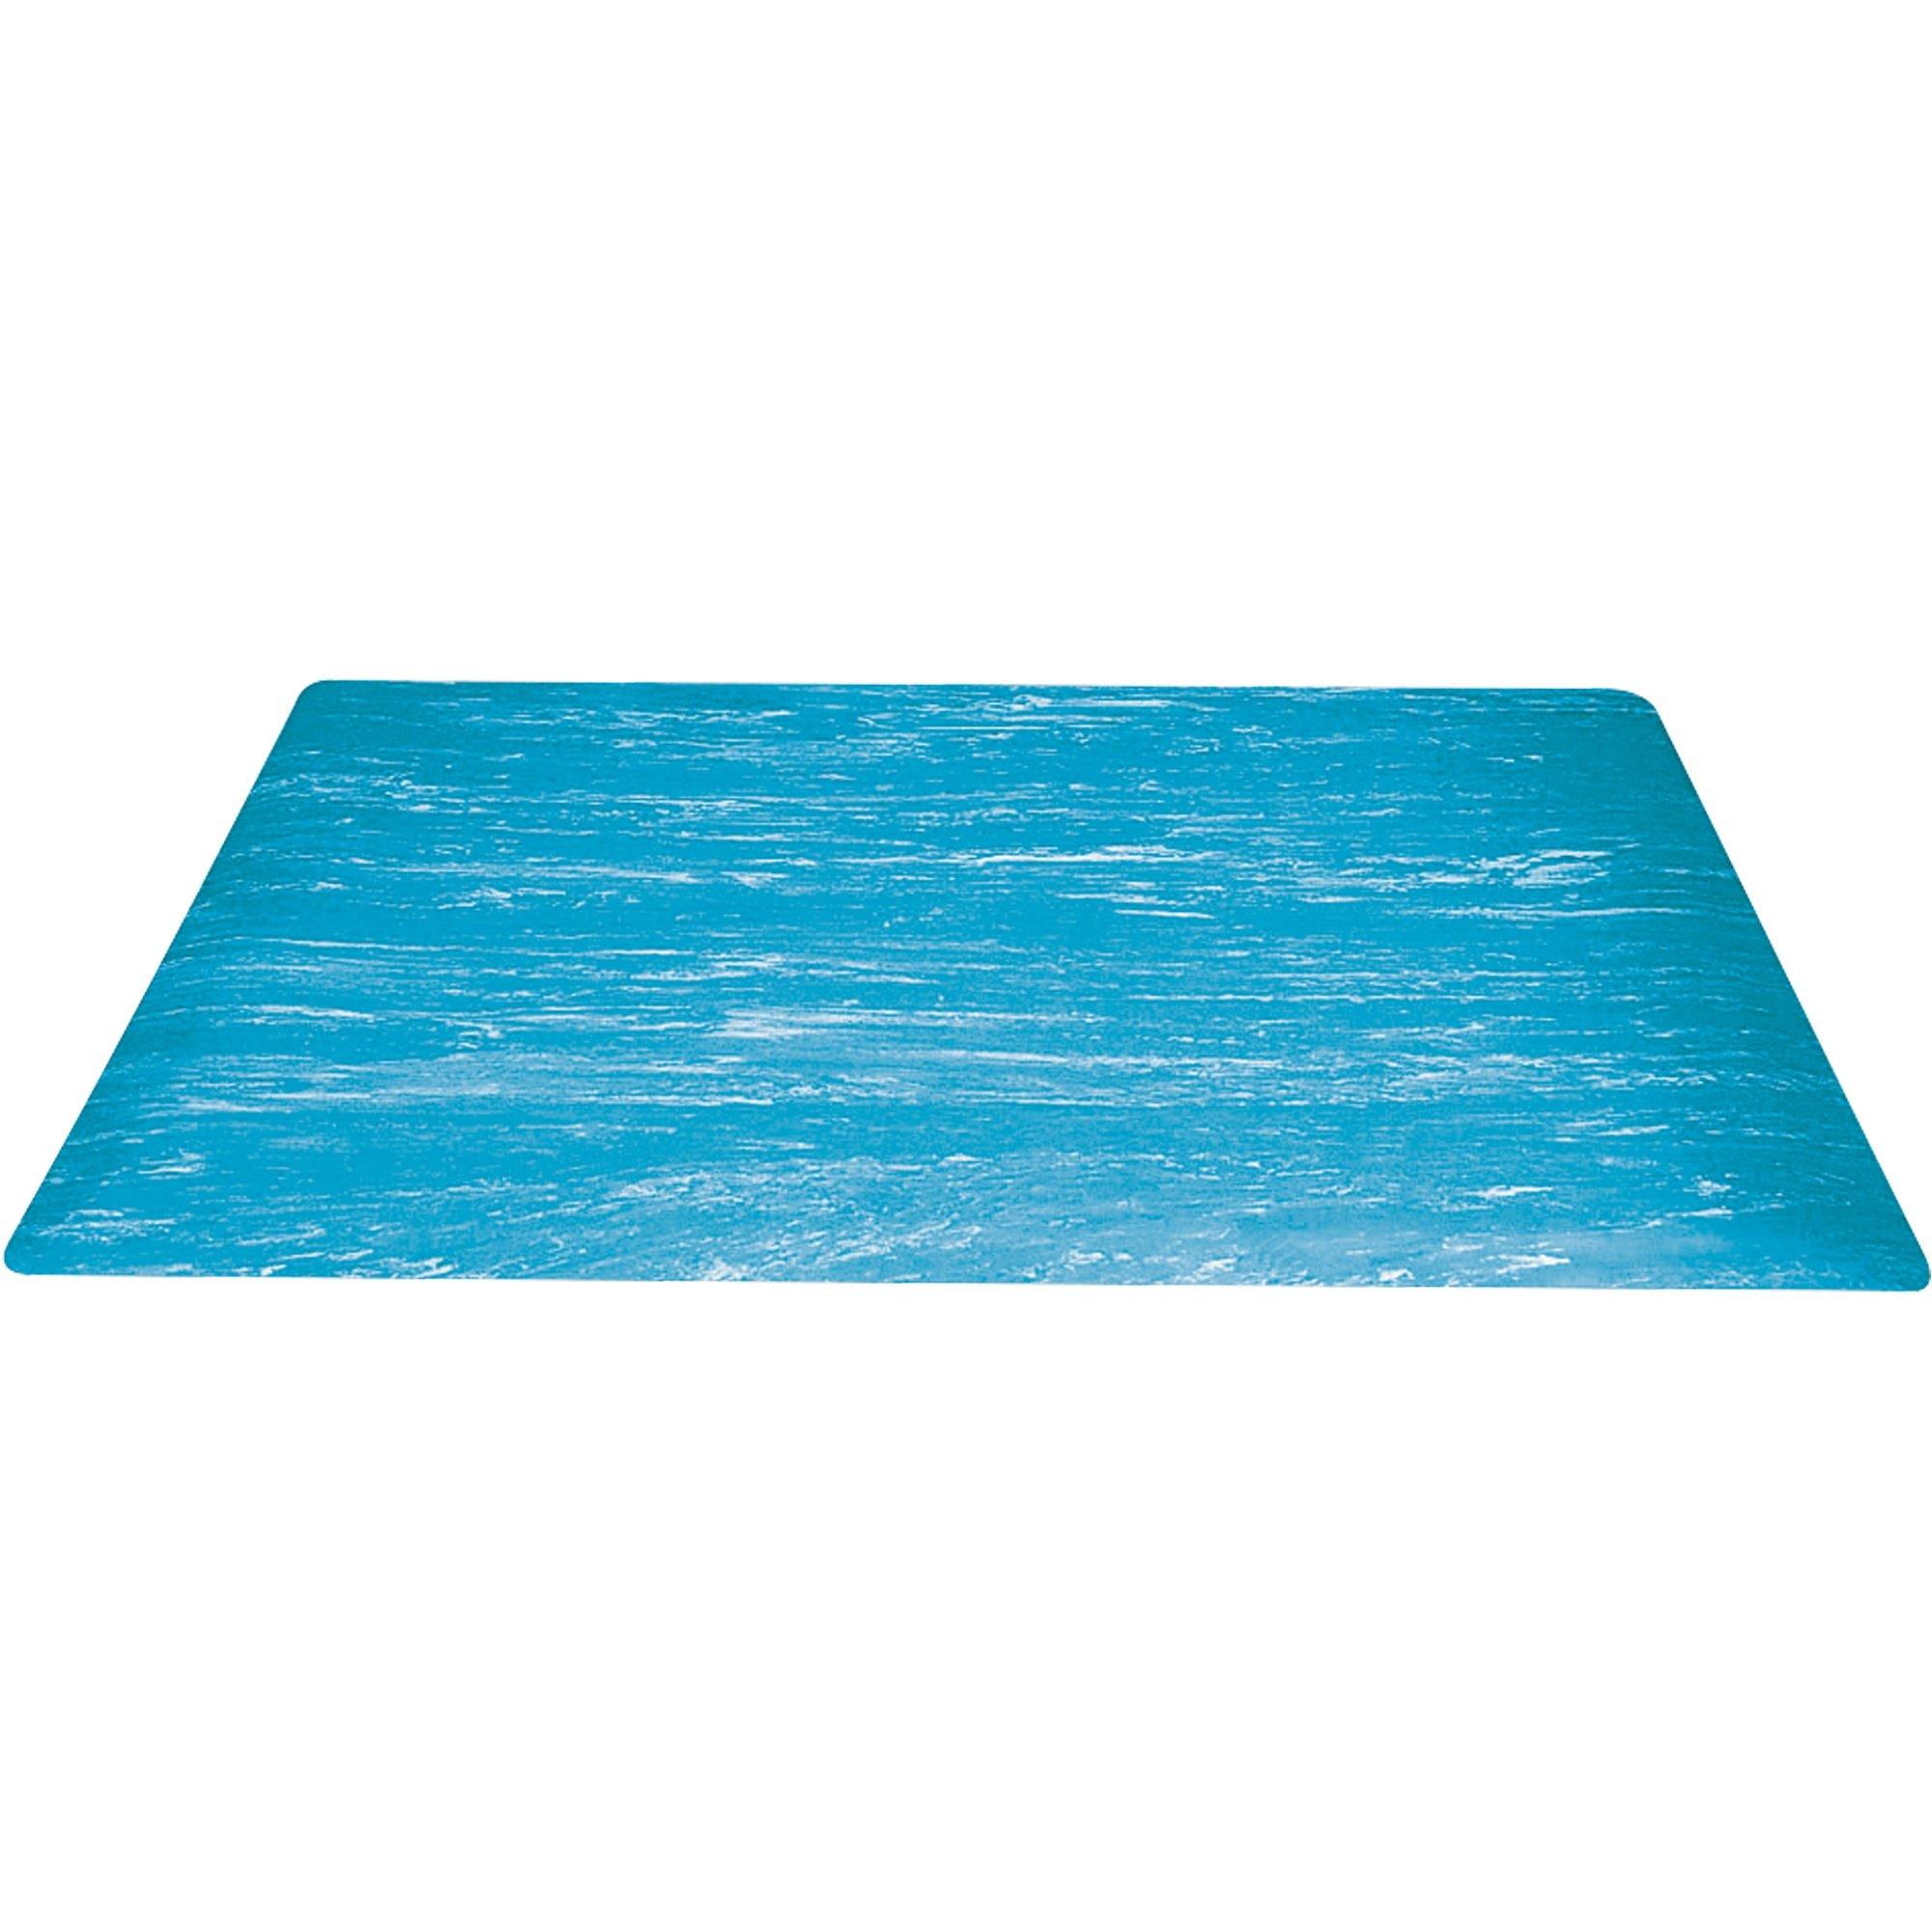 18 x 30'' Blue Marble Anti-Fatigue Mat